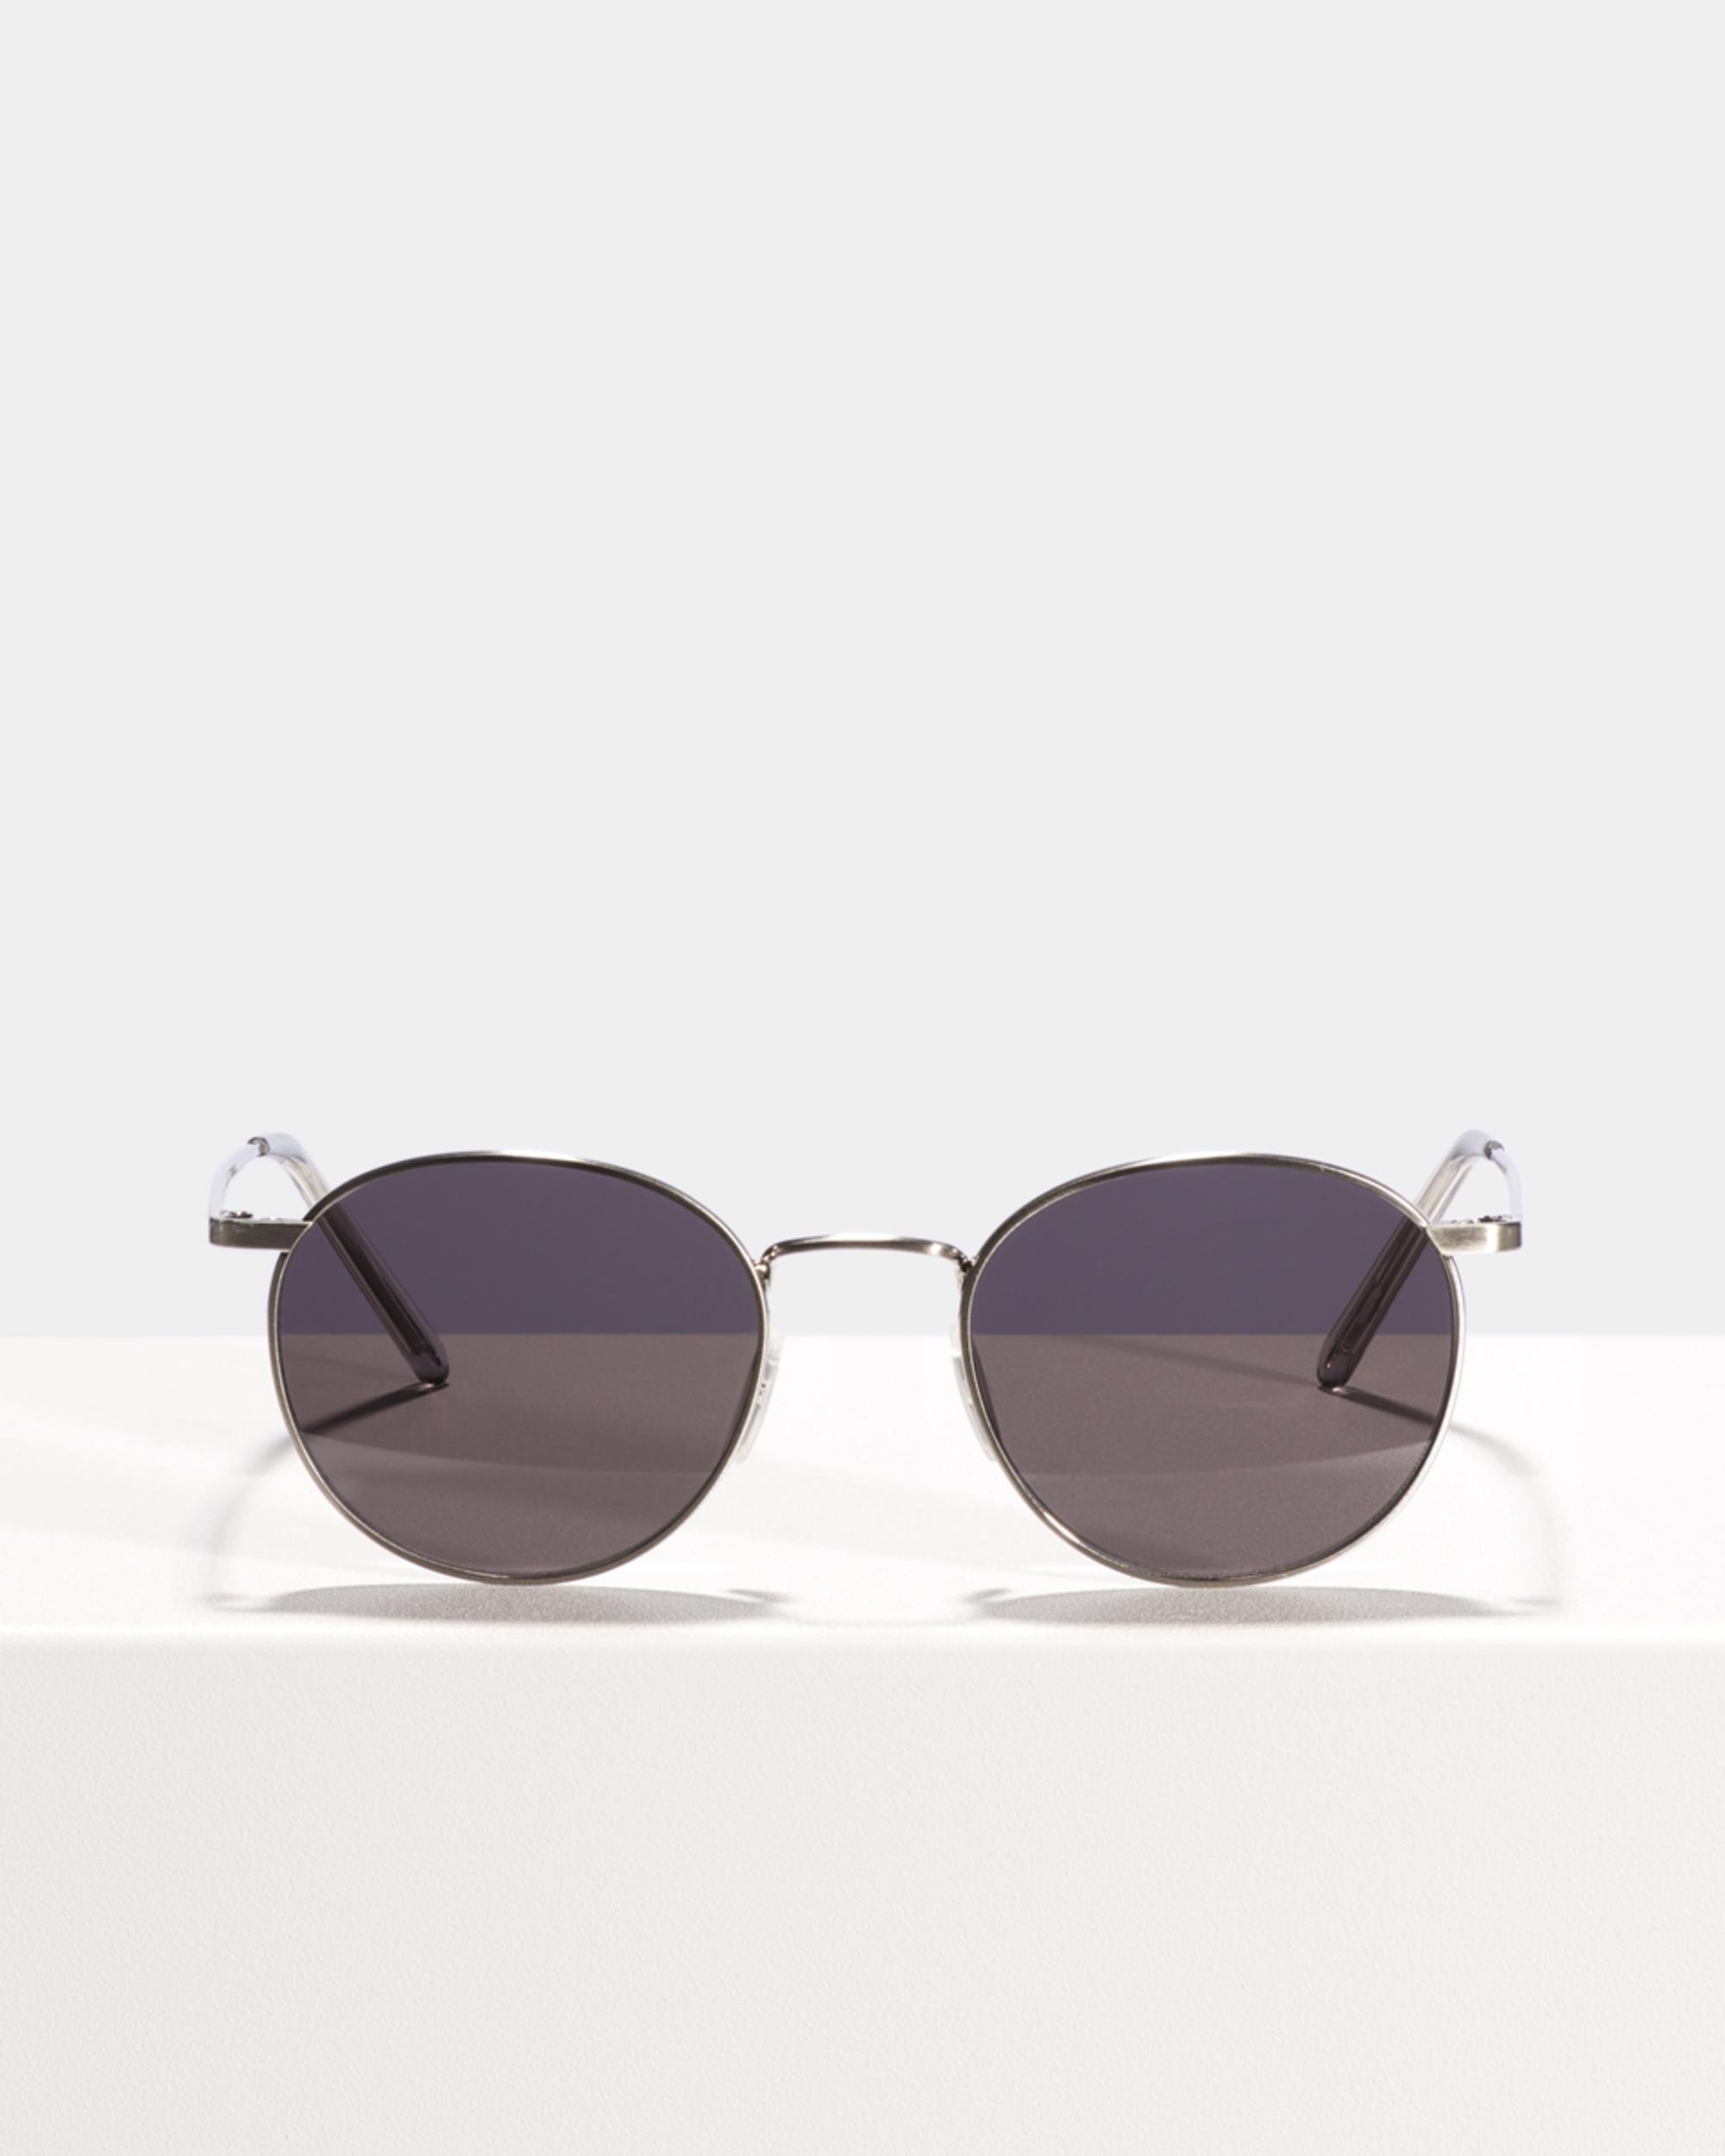 Ace & Tate Sunglasses | rund Titan in Silber